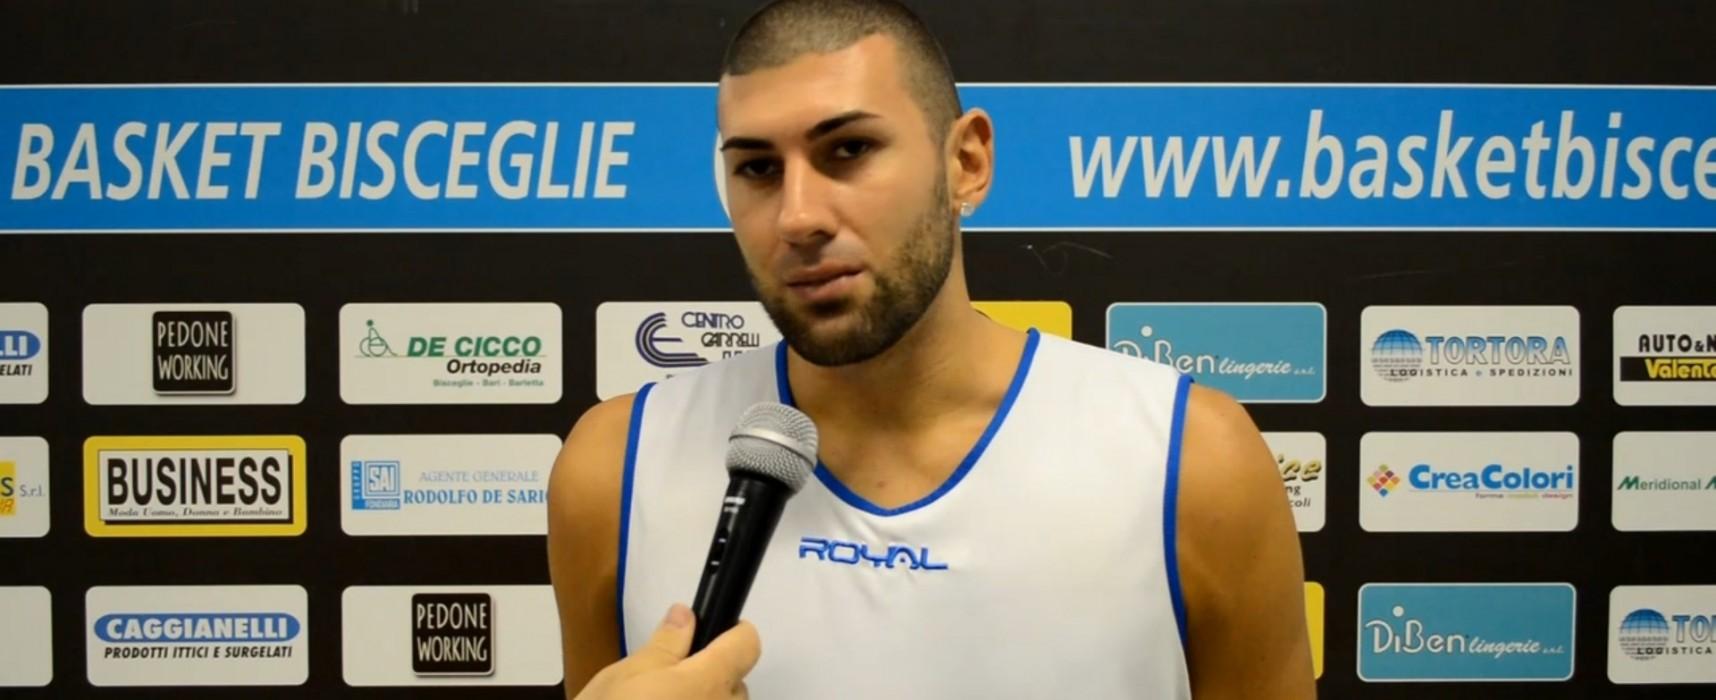 Ambrosia Basket Bisceglie, Domenica il debutto contro l'Aquila Palermo. Intervista a Ivan Scarponi /VIDEO